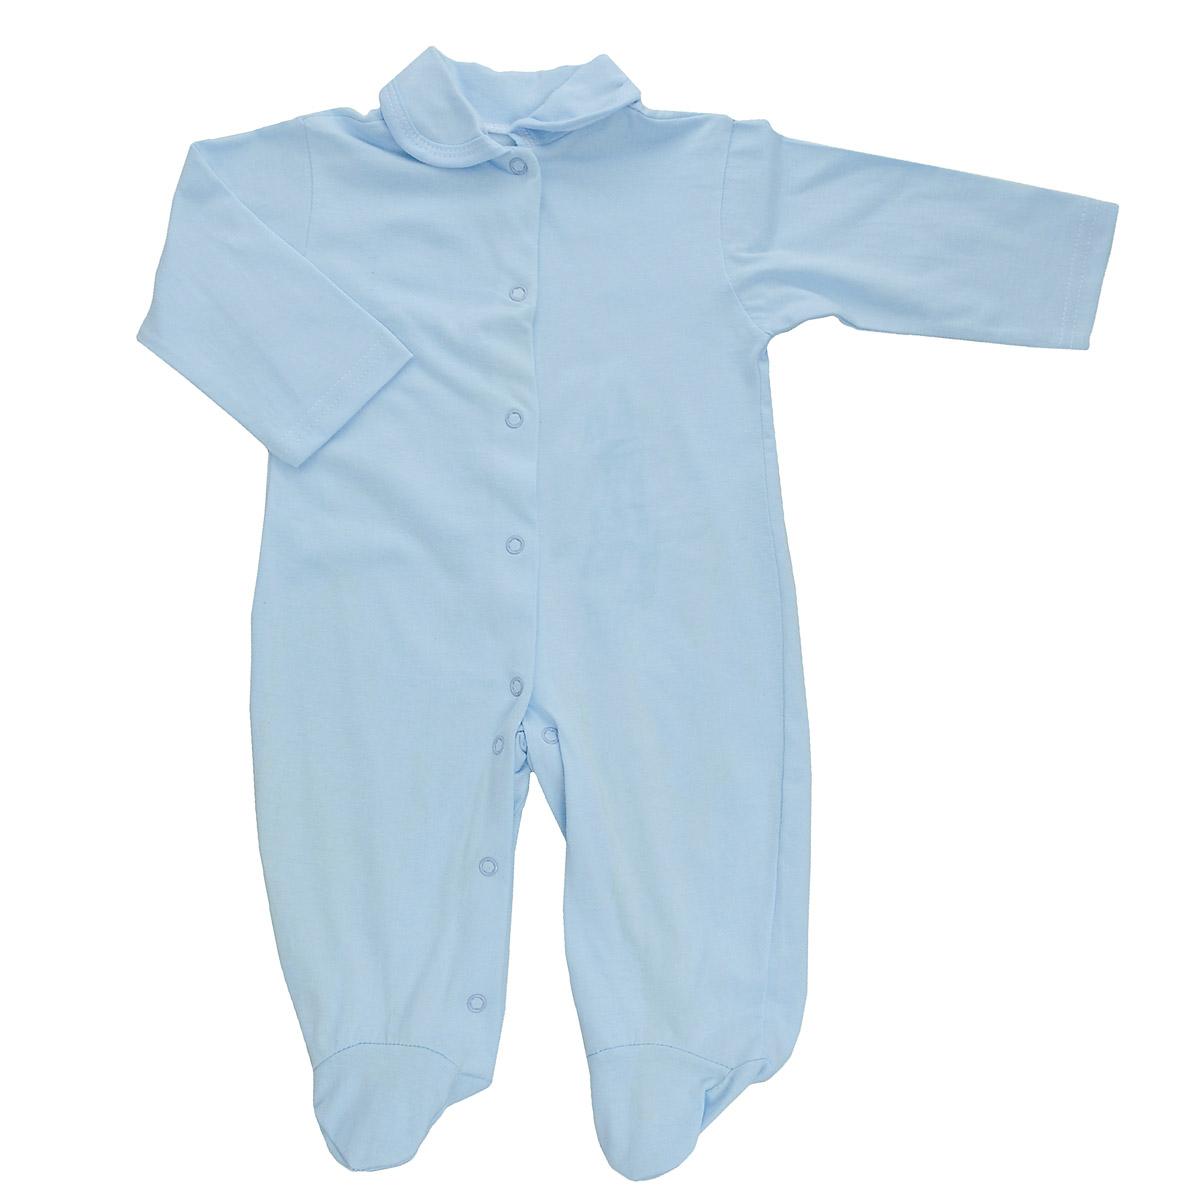 Комбинезон домашний5805Детский комбинезон Трон-Плюс - очень удобный и практичный вид одежды для малышей. Комбинезон выполнен из кулирного полотна - натурального хлопка, благодаря чему он необычайно мягкий и приятный на ощупь, не раздражает нежную кожу ребенка, и хорошо вентилируются, а эластичные швы приятны телу малыша и не препятствуют его движениям. Комбинезон с длинными рукавами, закрытыми ножками и отложным воротничком имеет застежки-кнопки от горловины до щиколоток, которые помогают легко переодеть младенца или сменить подгузник. С детским комбинезоном спинка и ножки вашего малыша всегда будут в тепле, он идеален для использования днем и незаменим ночью. Комбинезон полностью соответствует особенностям жизни младенца в ранний период, не стесняя и не ограничивая его в движениях!